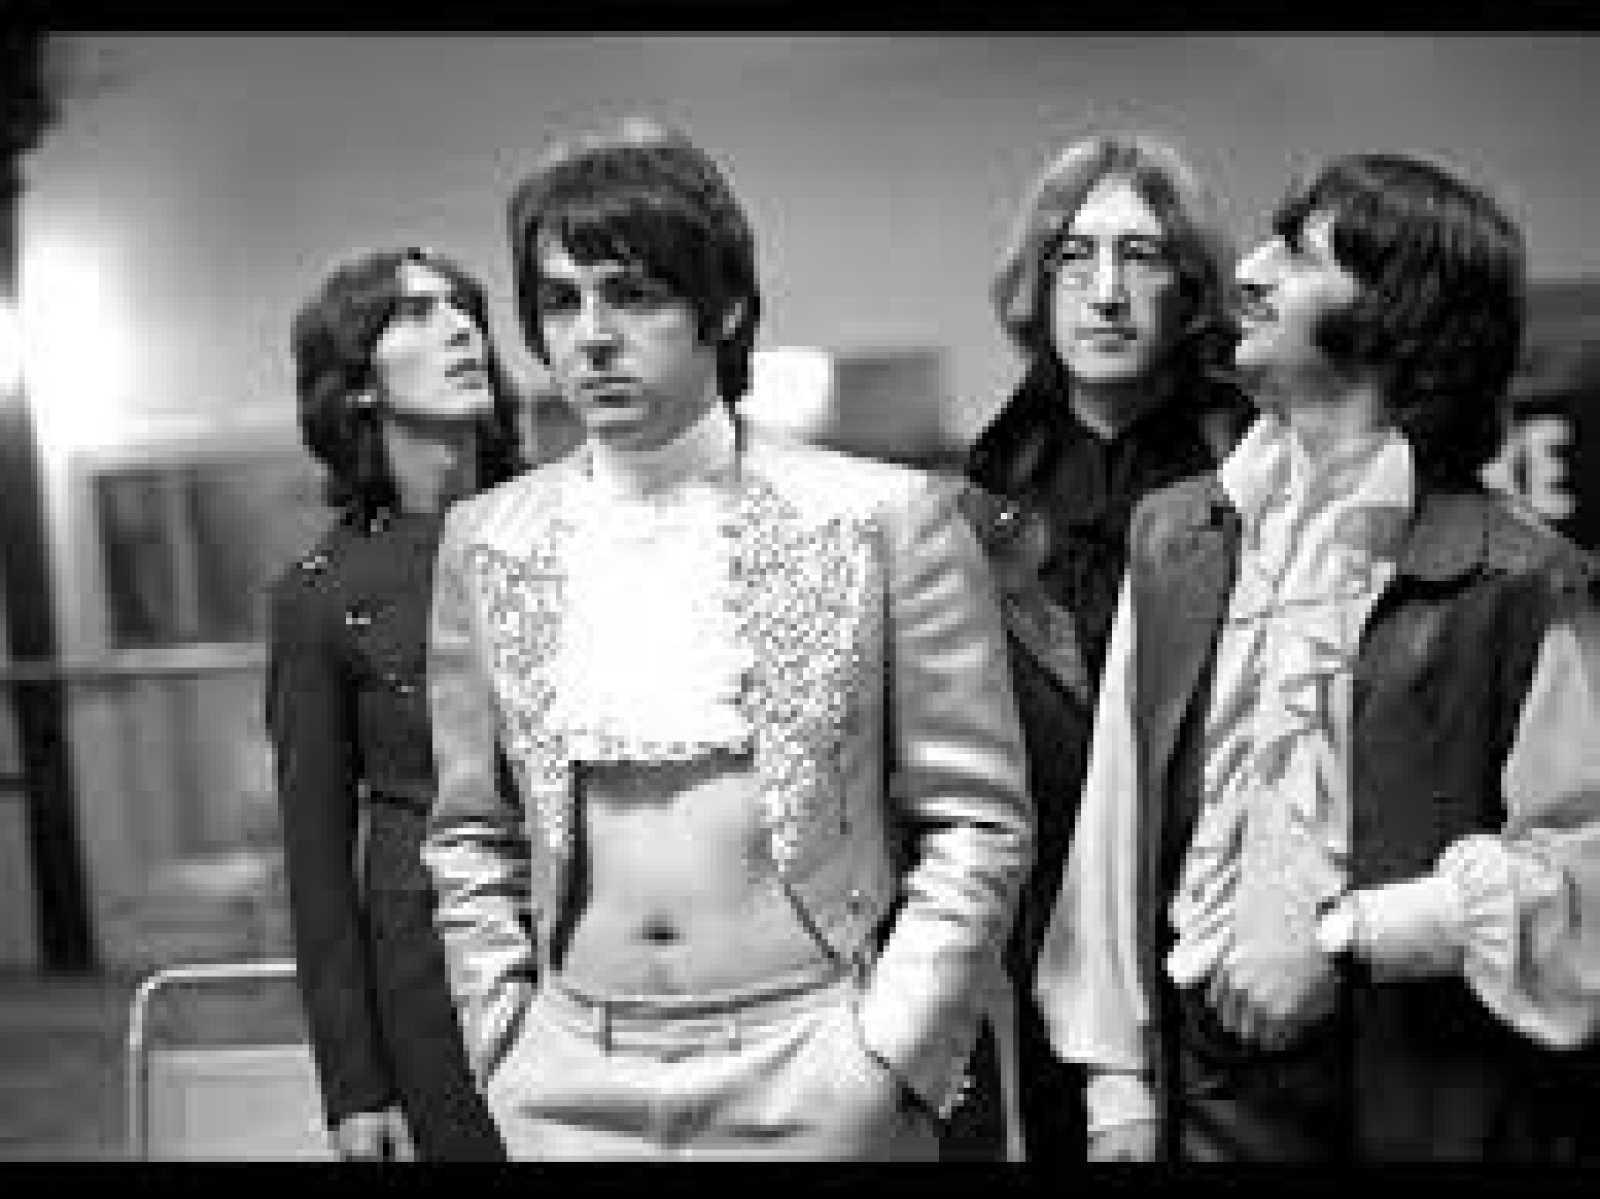 Disco grande - La última de The Beatles y la navidad de Los Planetas - 24/12/20 - escuchar ahora